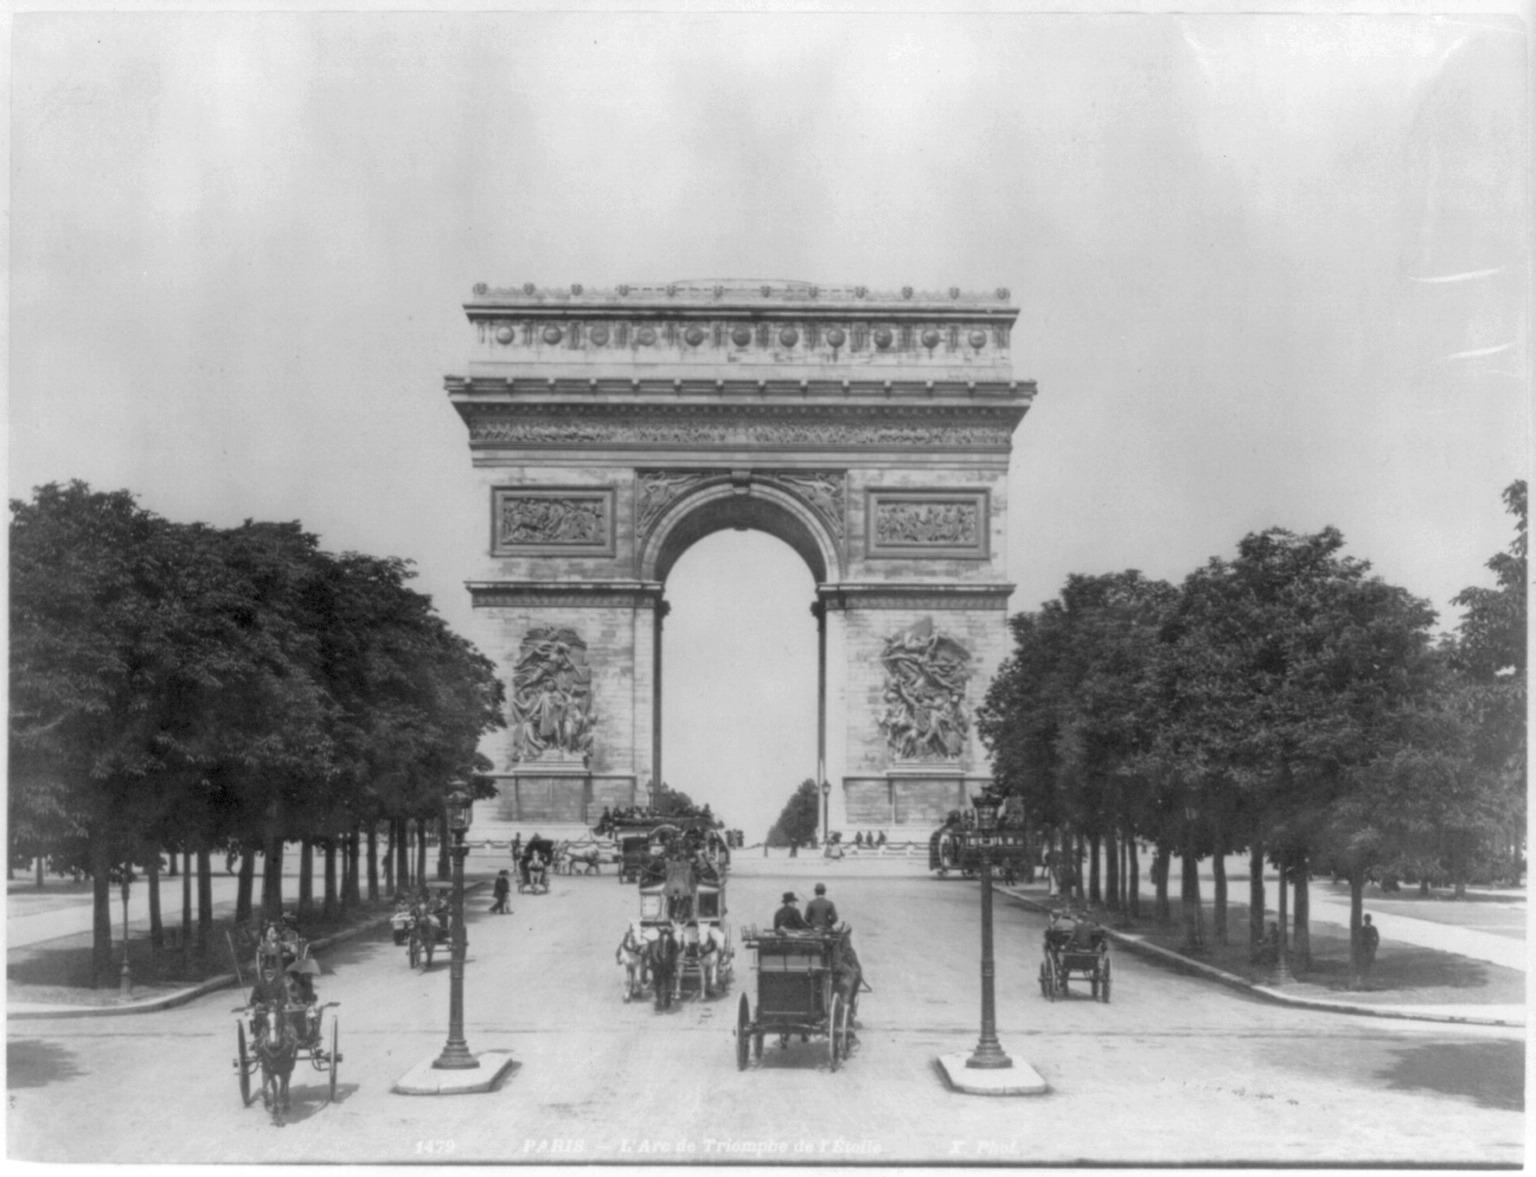 Republique Hotel Paris France